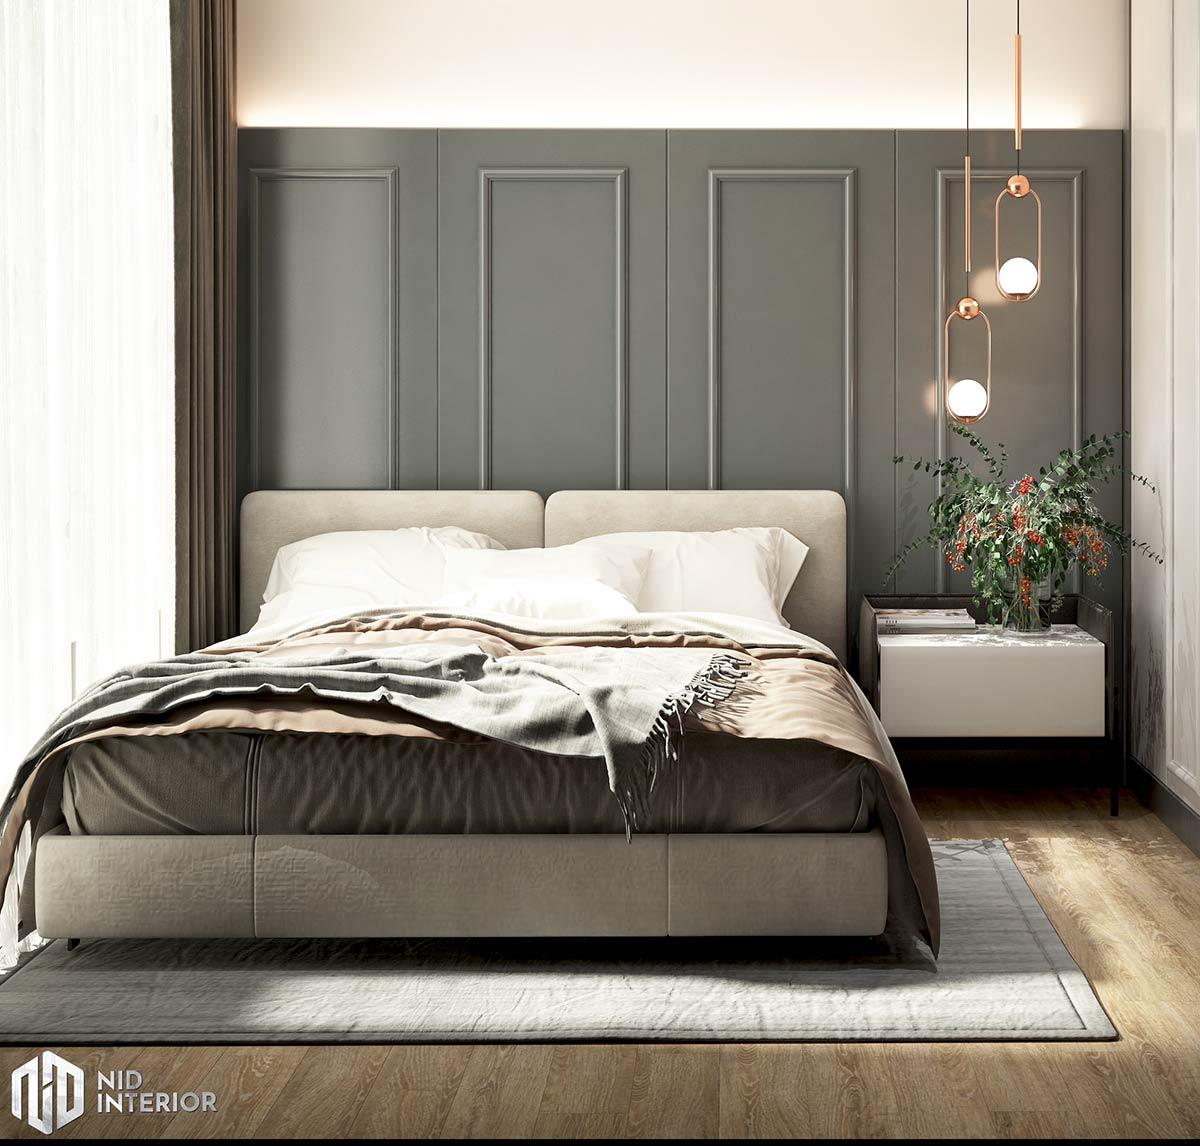 Căn hộ Vinhomes Grand Park 3 phòng ngủ - Phòng ngủ 2